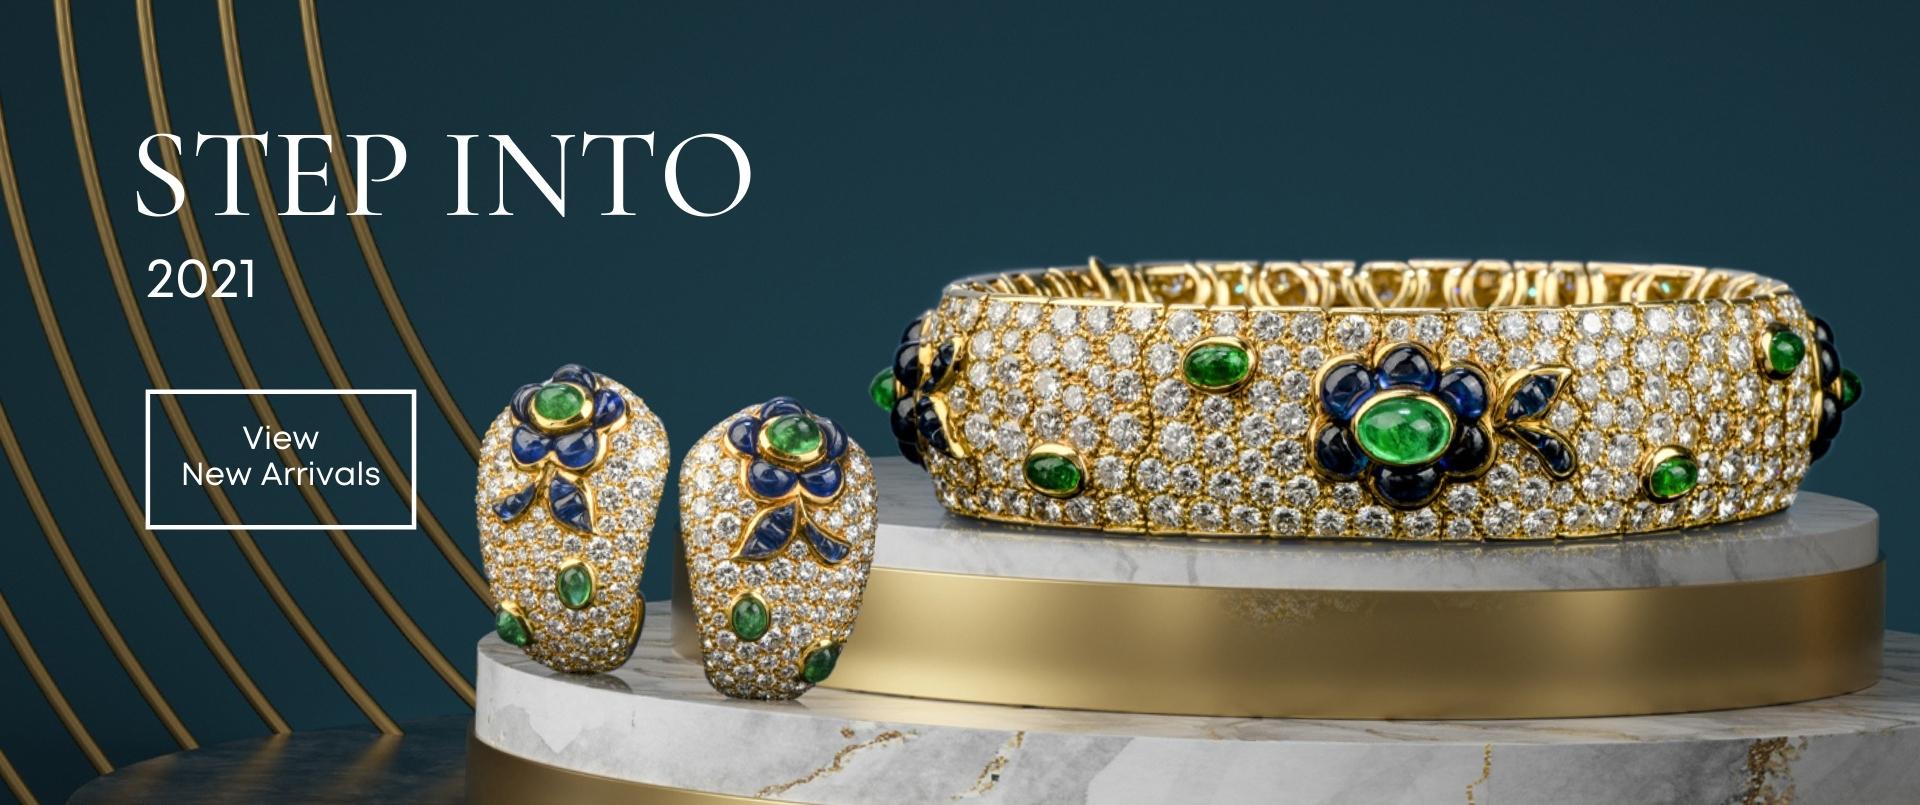 New Arrivals 2021 l Dover Jewelry Miami